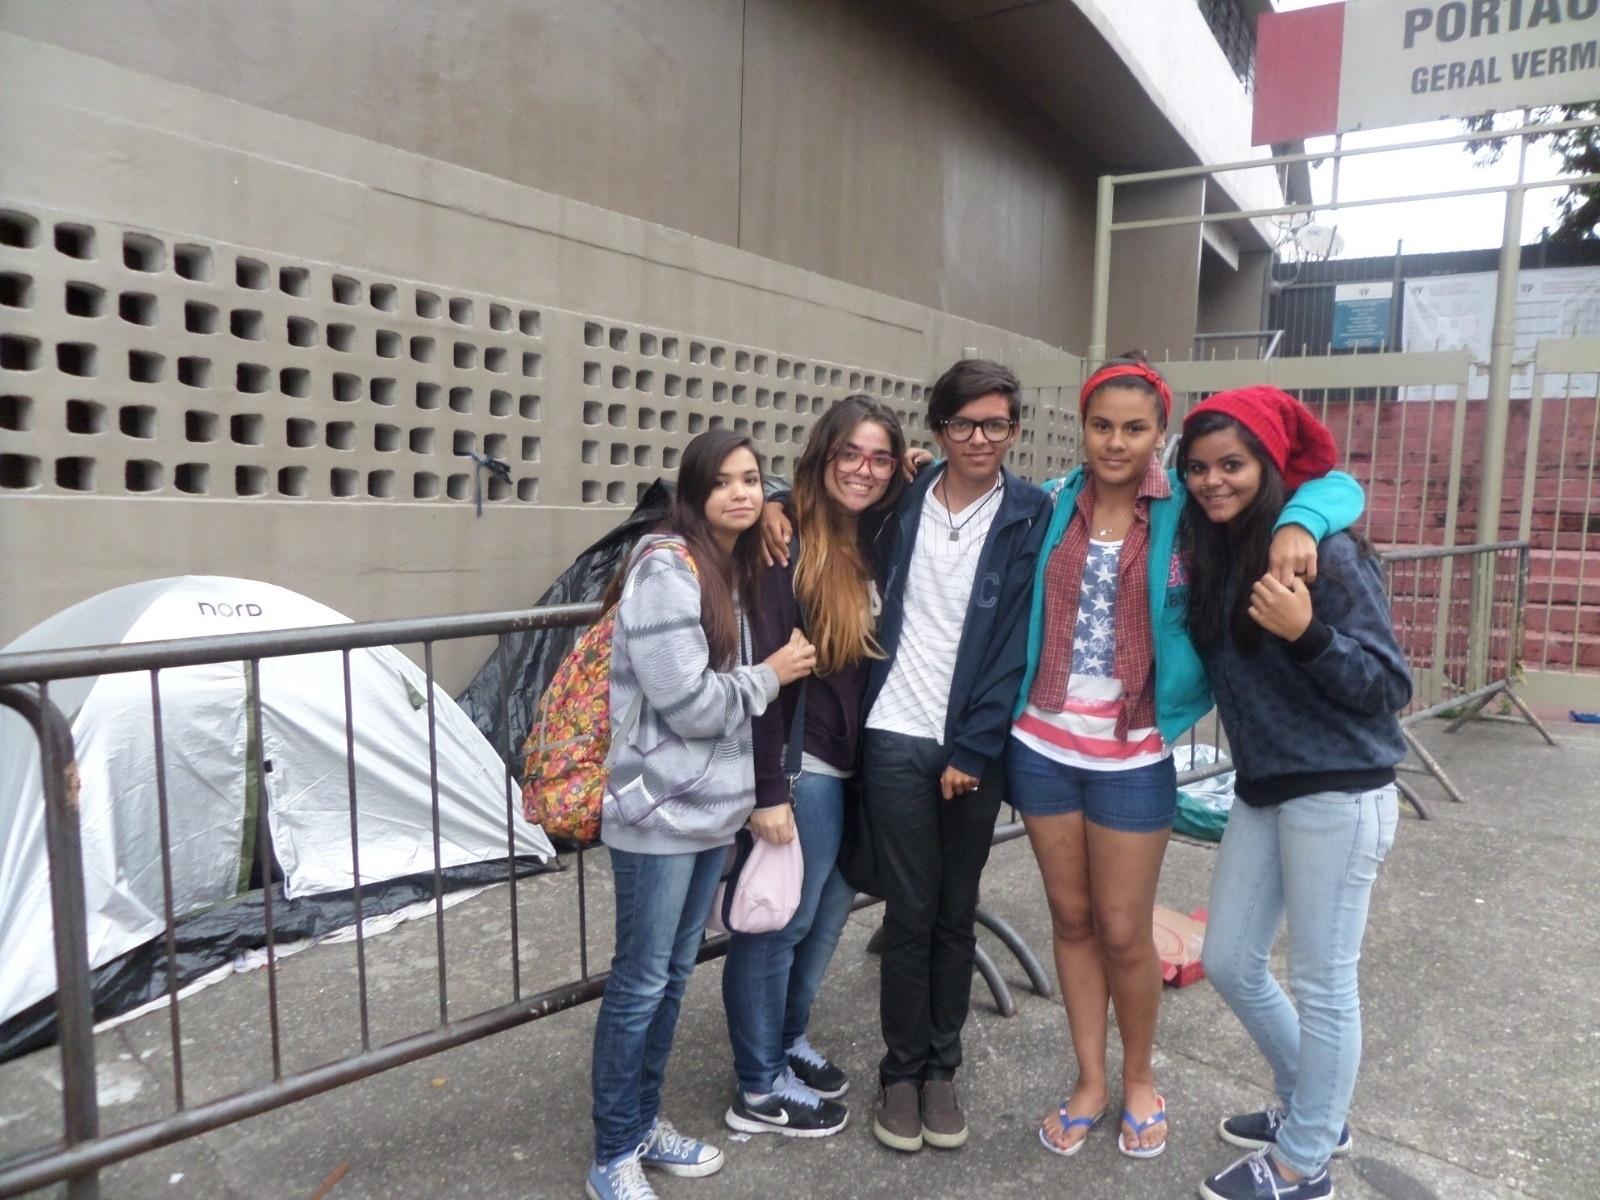 16.abr.2014 - Fãs do One Direction, Marcos Paulo e Jim Kelly , ao centro, deixaram a escola para seguir os cantores e se dedicarem ao acampamento na porta do Estádio do Morumbi